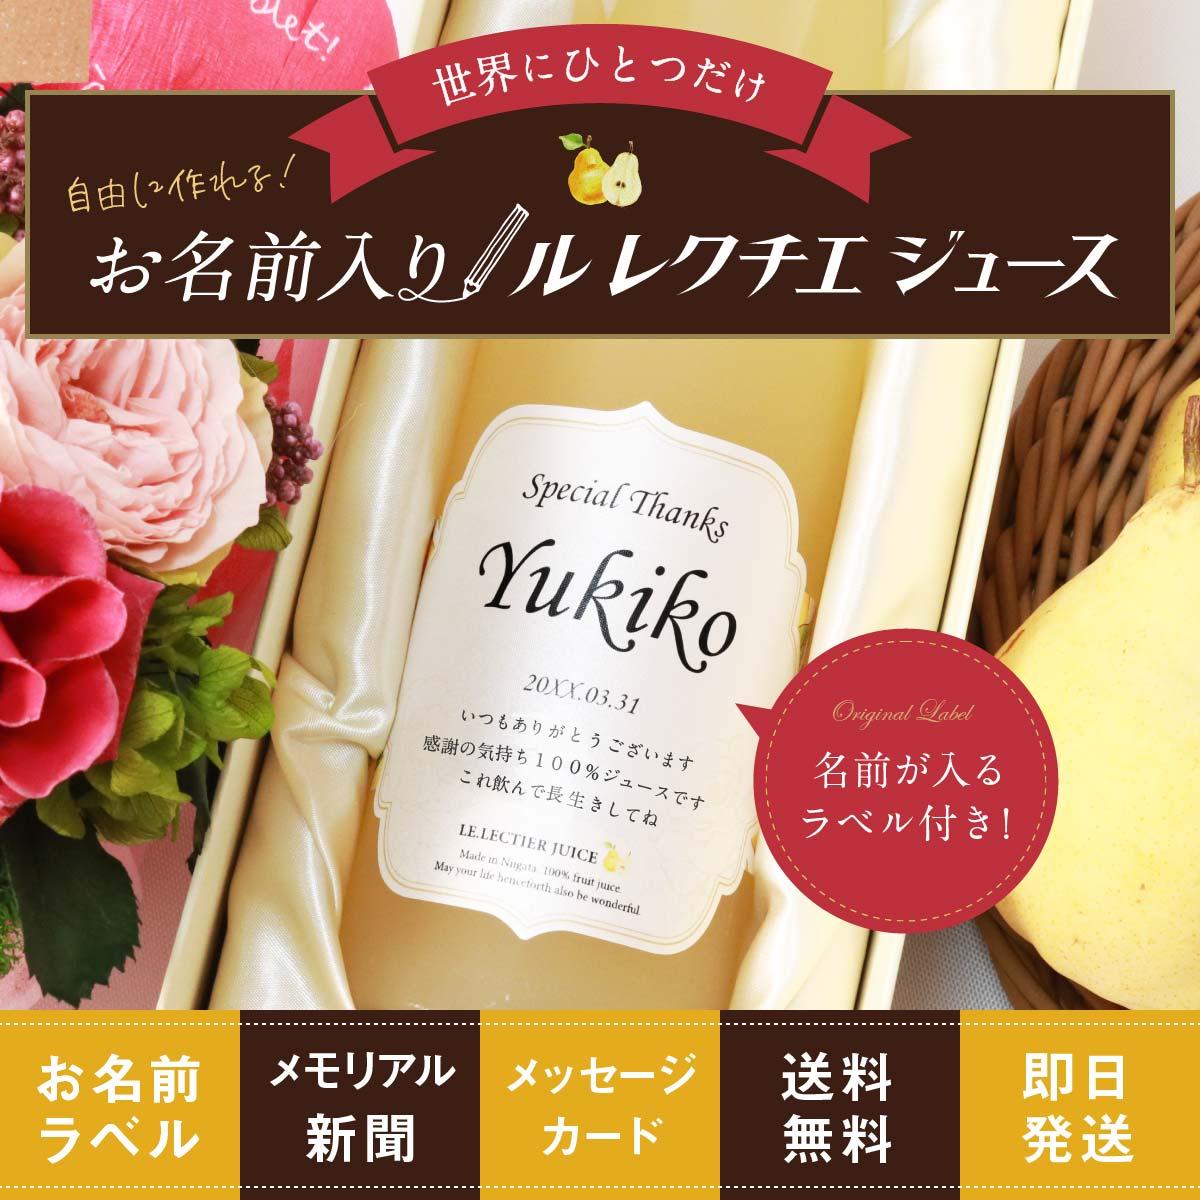 米寿祝い|高級果実、ル・レクチエ(洋梨)果汁100%「chou-chou」500ml(ジュース)